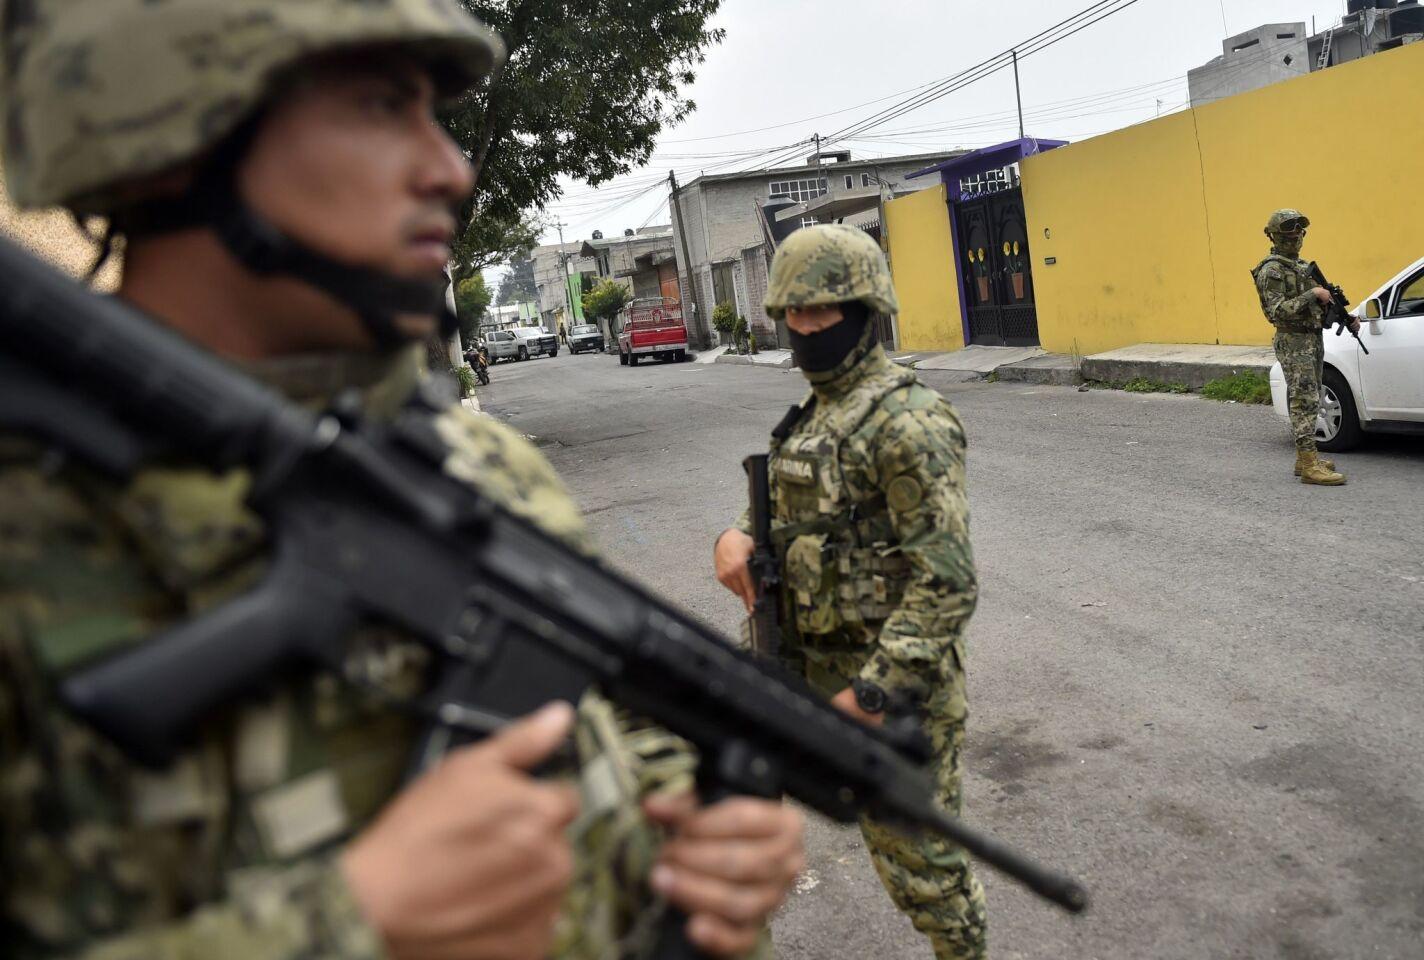 Gunfight in Mexico City